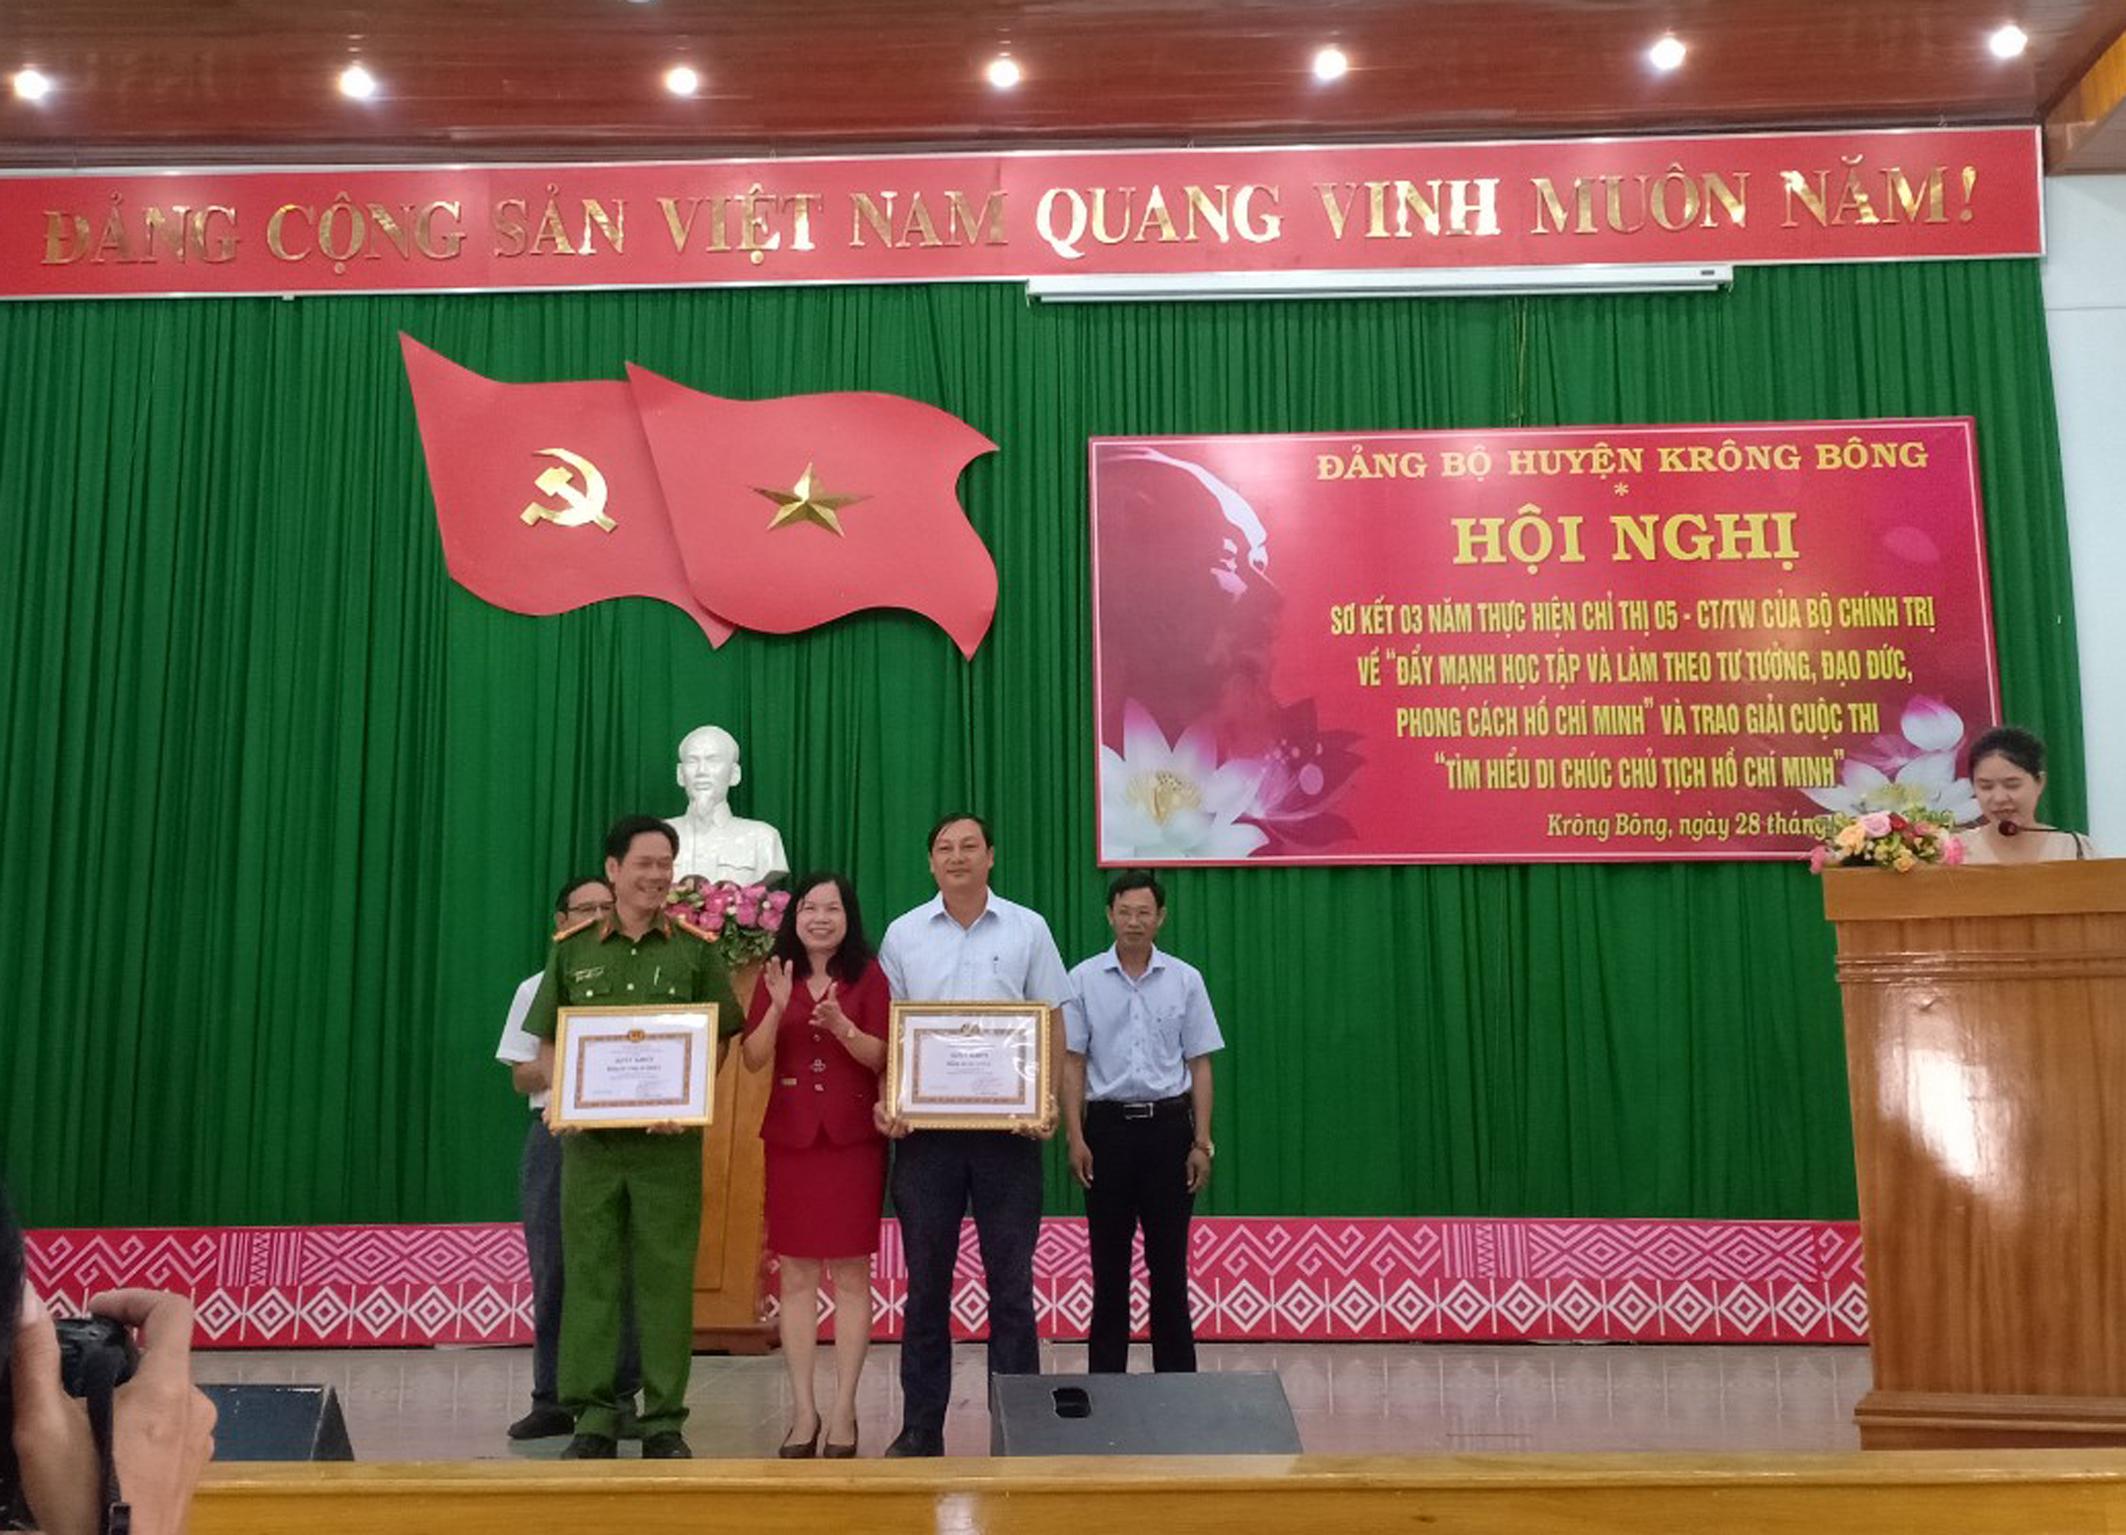 Đảng bộ huyện Krông Bông sơ kết 03 năm thực hiện Chỉ thị số 05-CT/TW của Bộ Chính trị